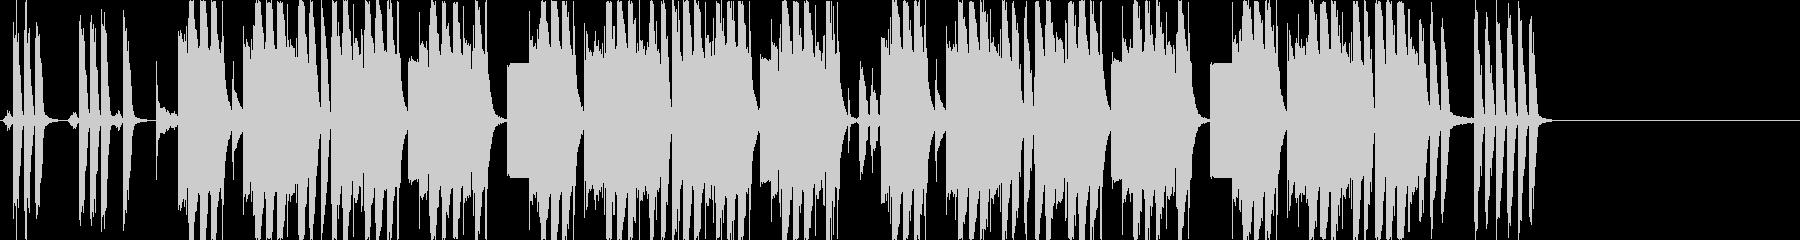 透明感溢れるFutureBass/EDMの未再生の波形